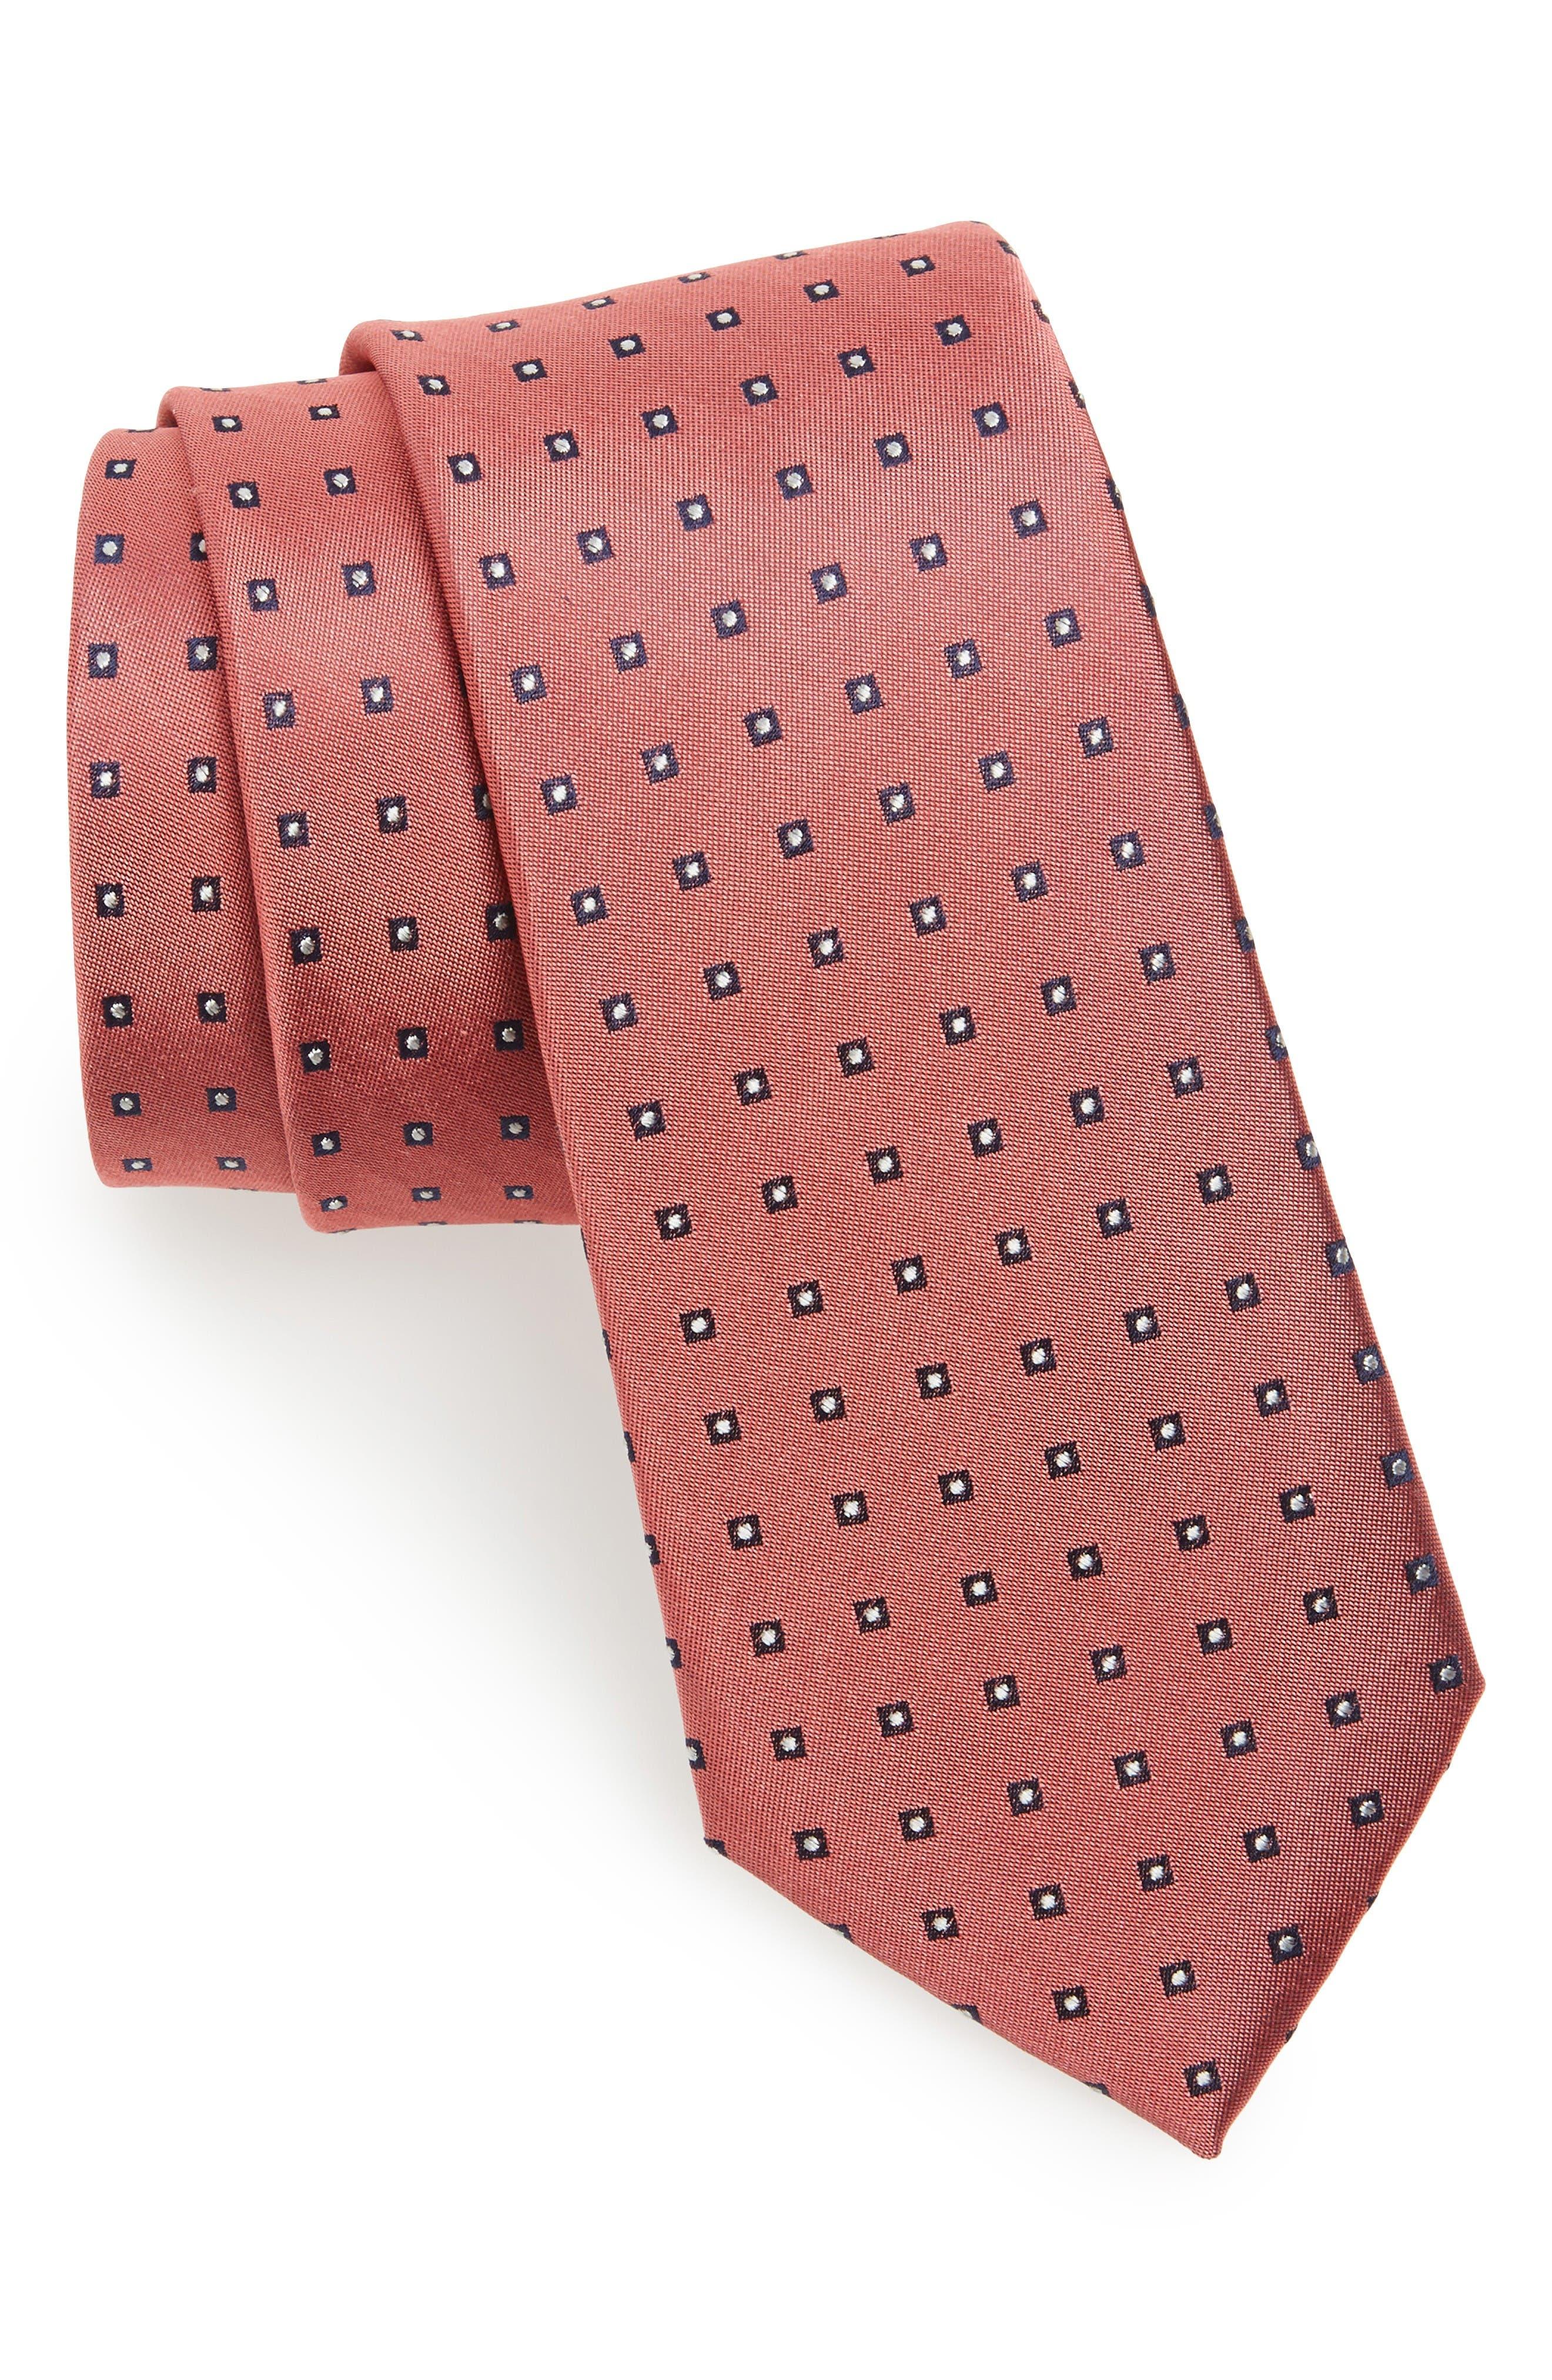 Alternate Image 1 Selected - Calibrate Descrete Geometric Silk Tie